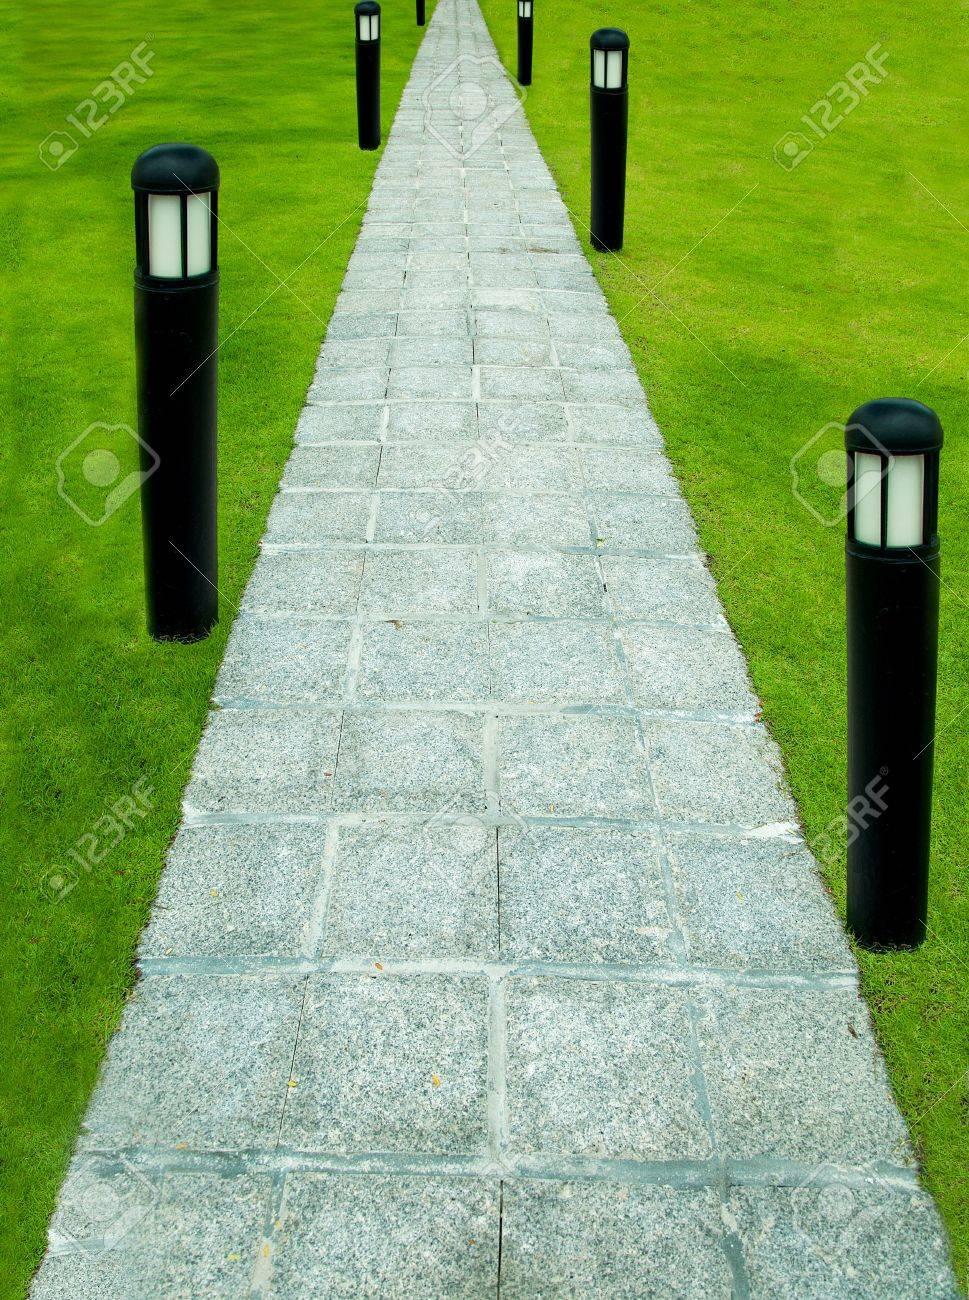 Le Chemin A Pied Pierre Bloc Avec Lampe De Jardin Sur Fond D Herbe